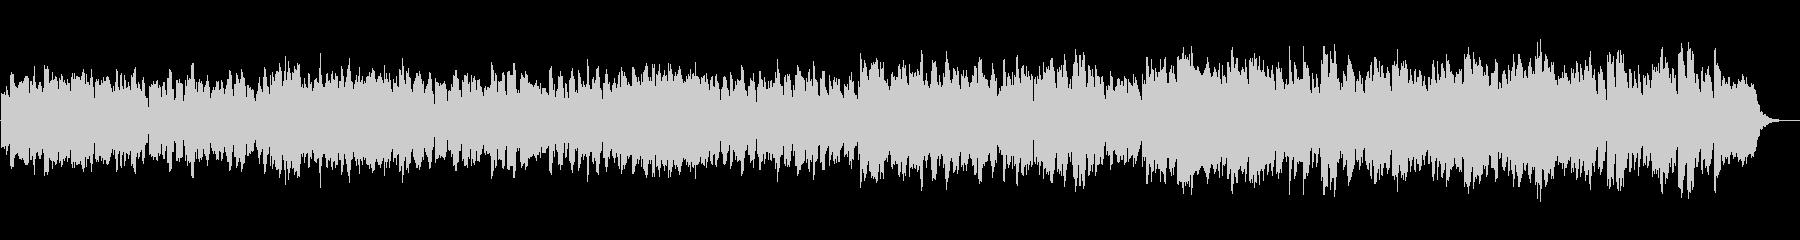 ニュースBGM/検査・統計の未再生の波形